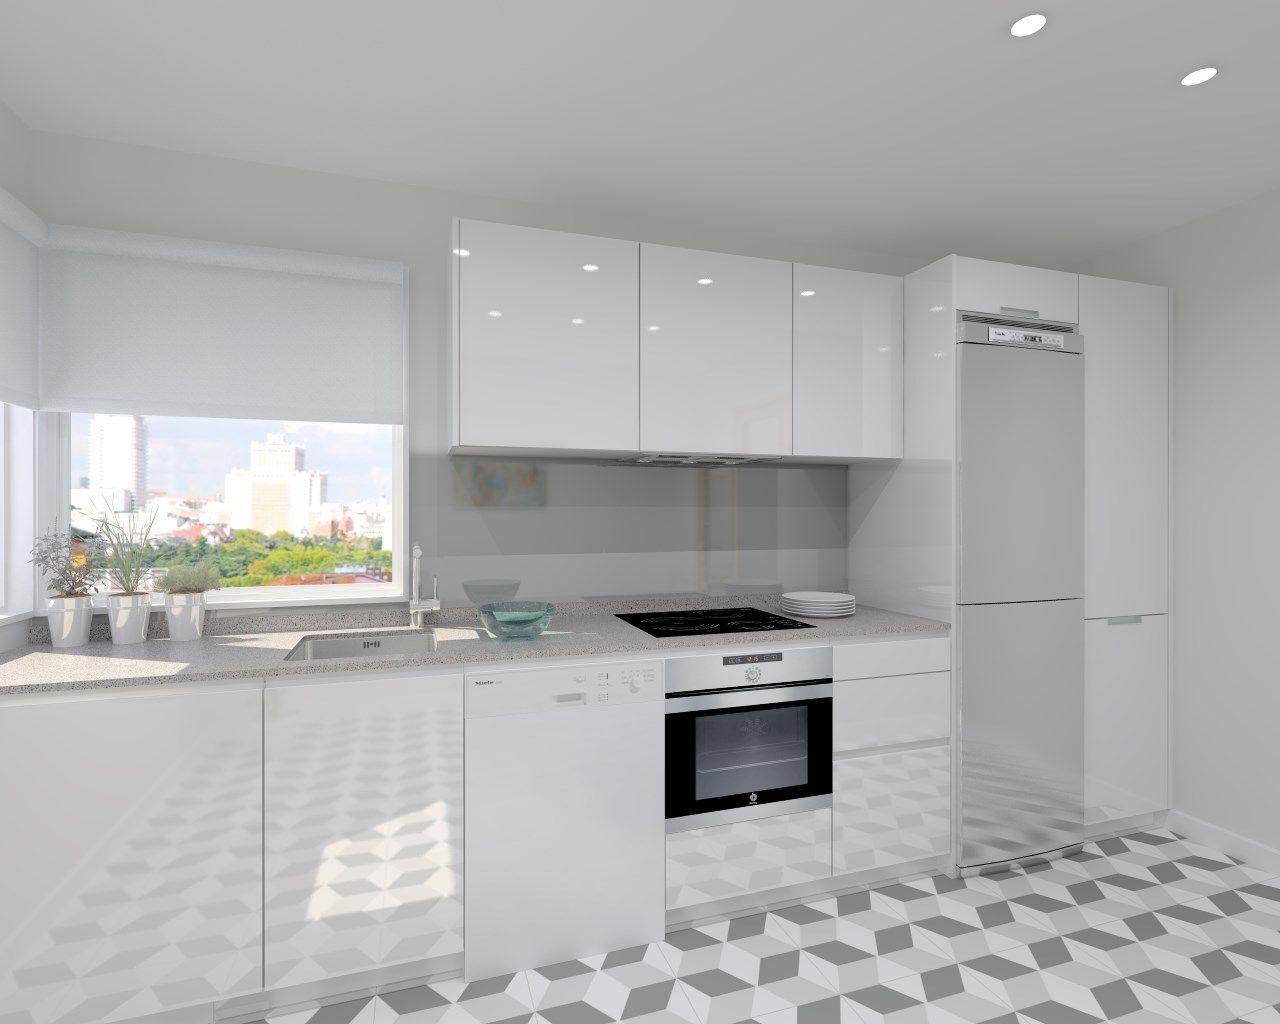 Cocina santos modelo line laminado blanco brillo encimera - Cocinas blanco brillo ...